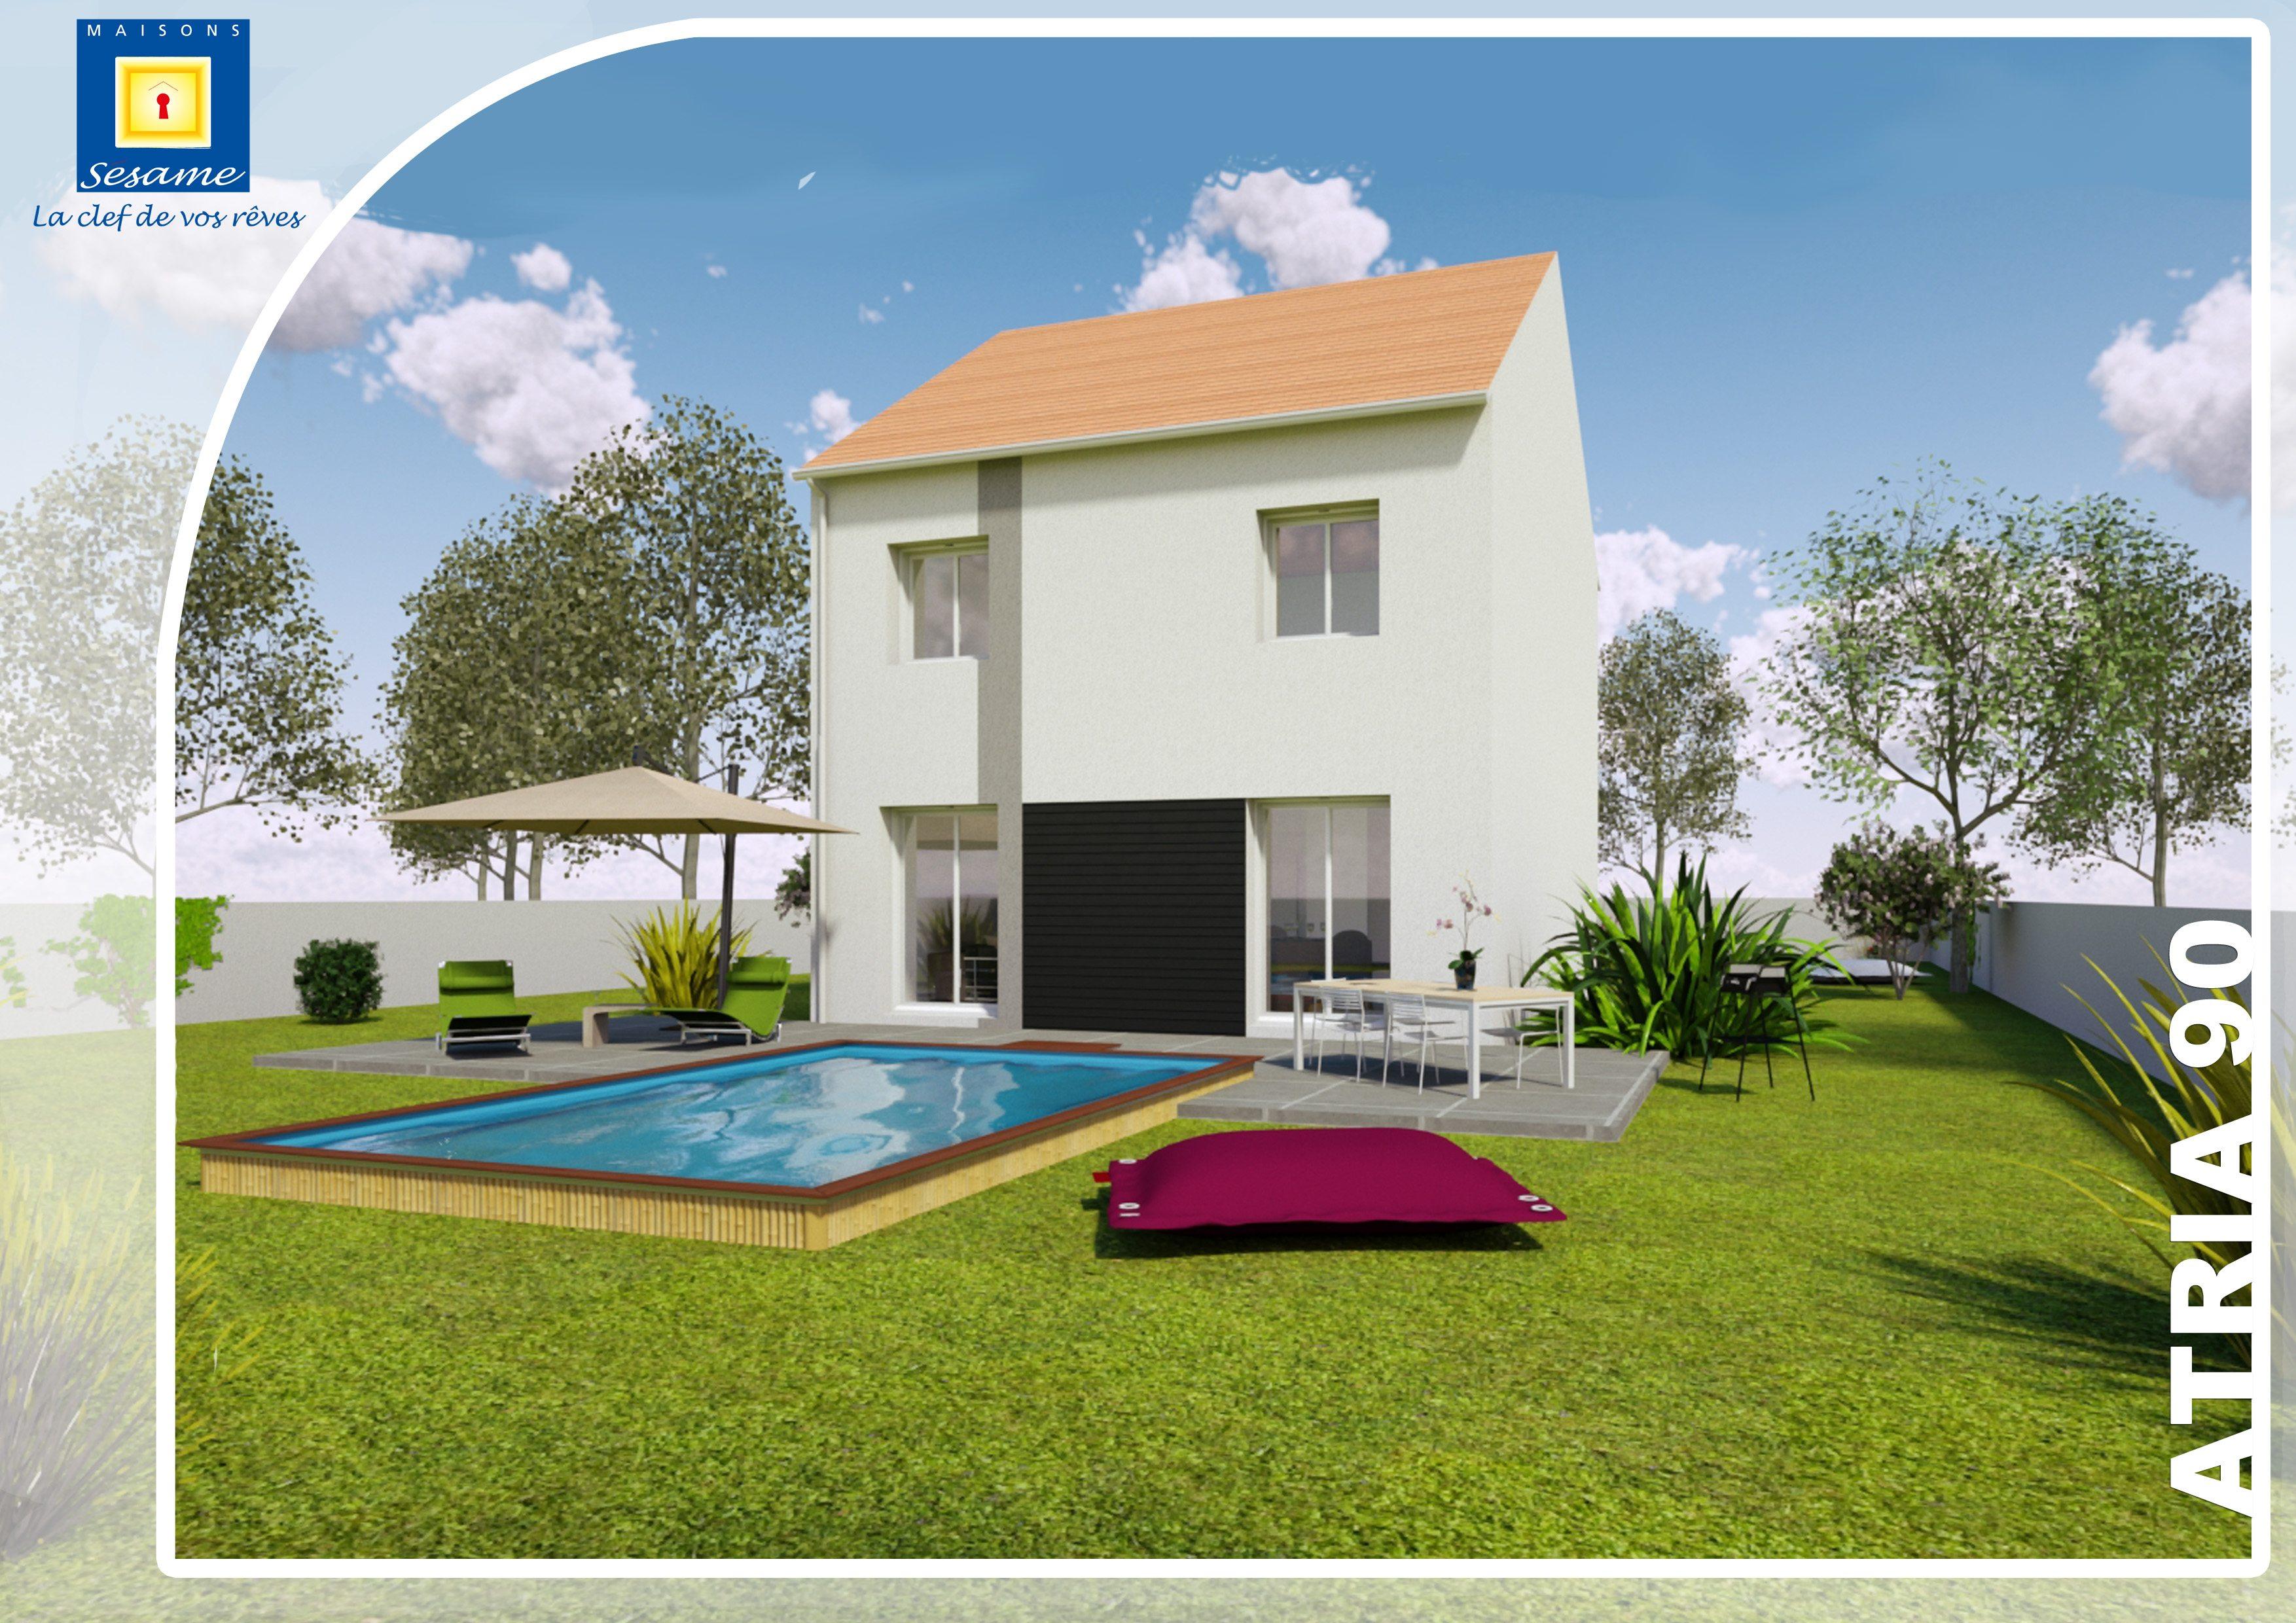 Maisons + Terrains du constructeur MAISONS SESAME • 90 m² • TREMBLAY EN FRANCE